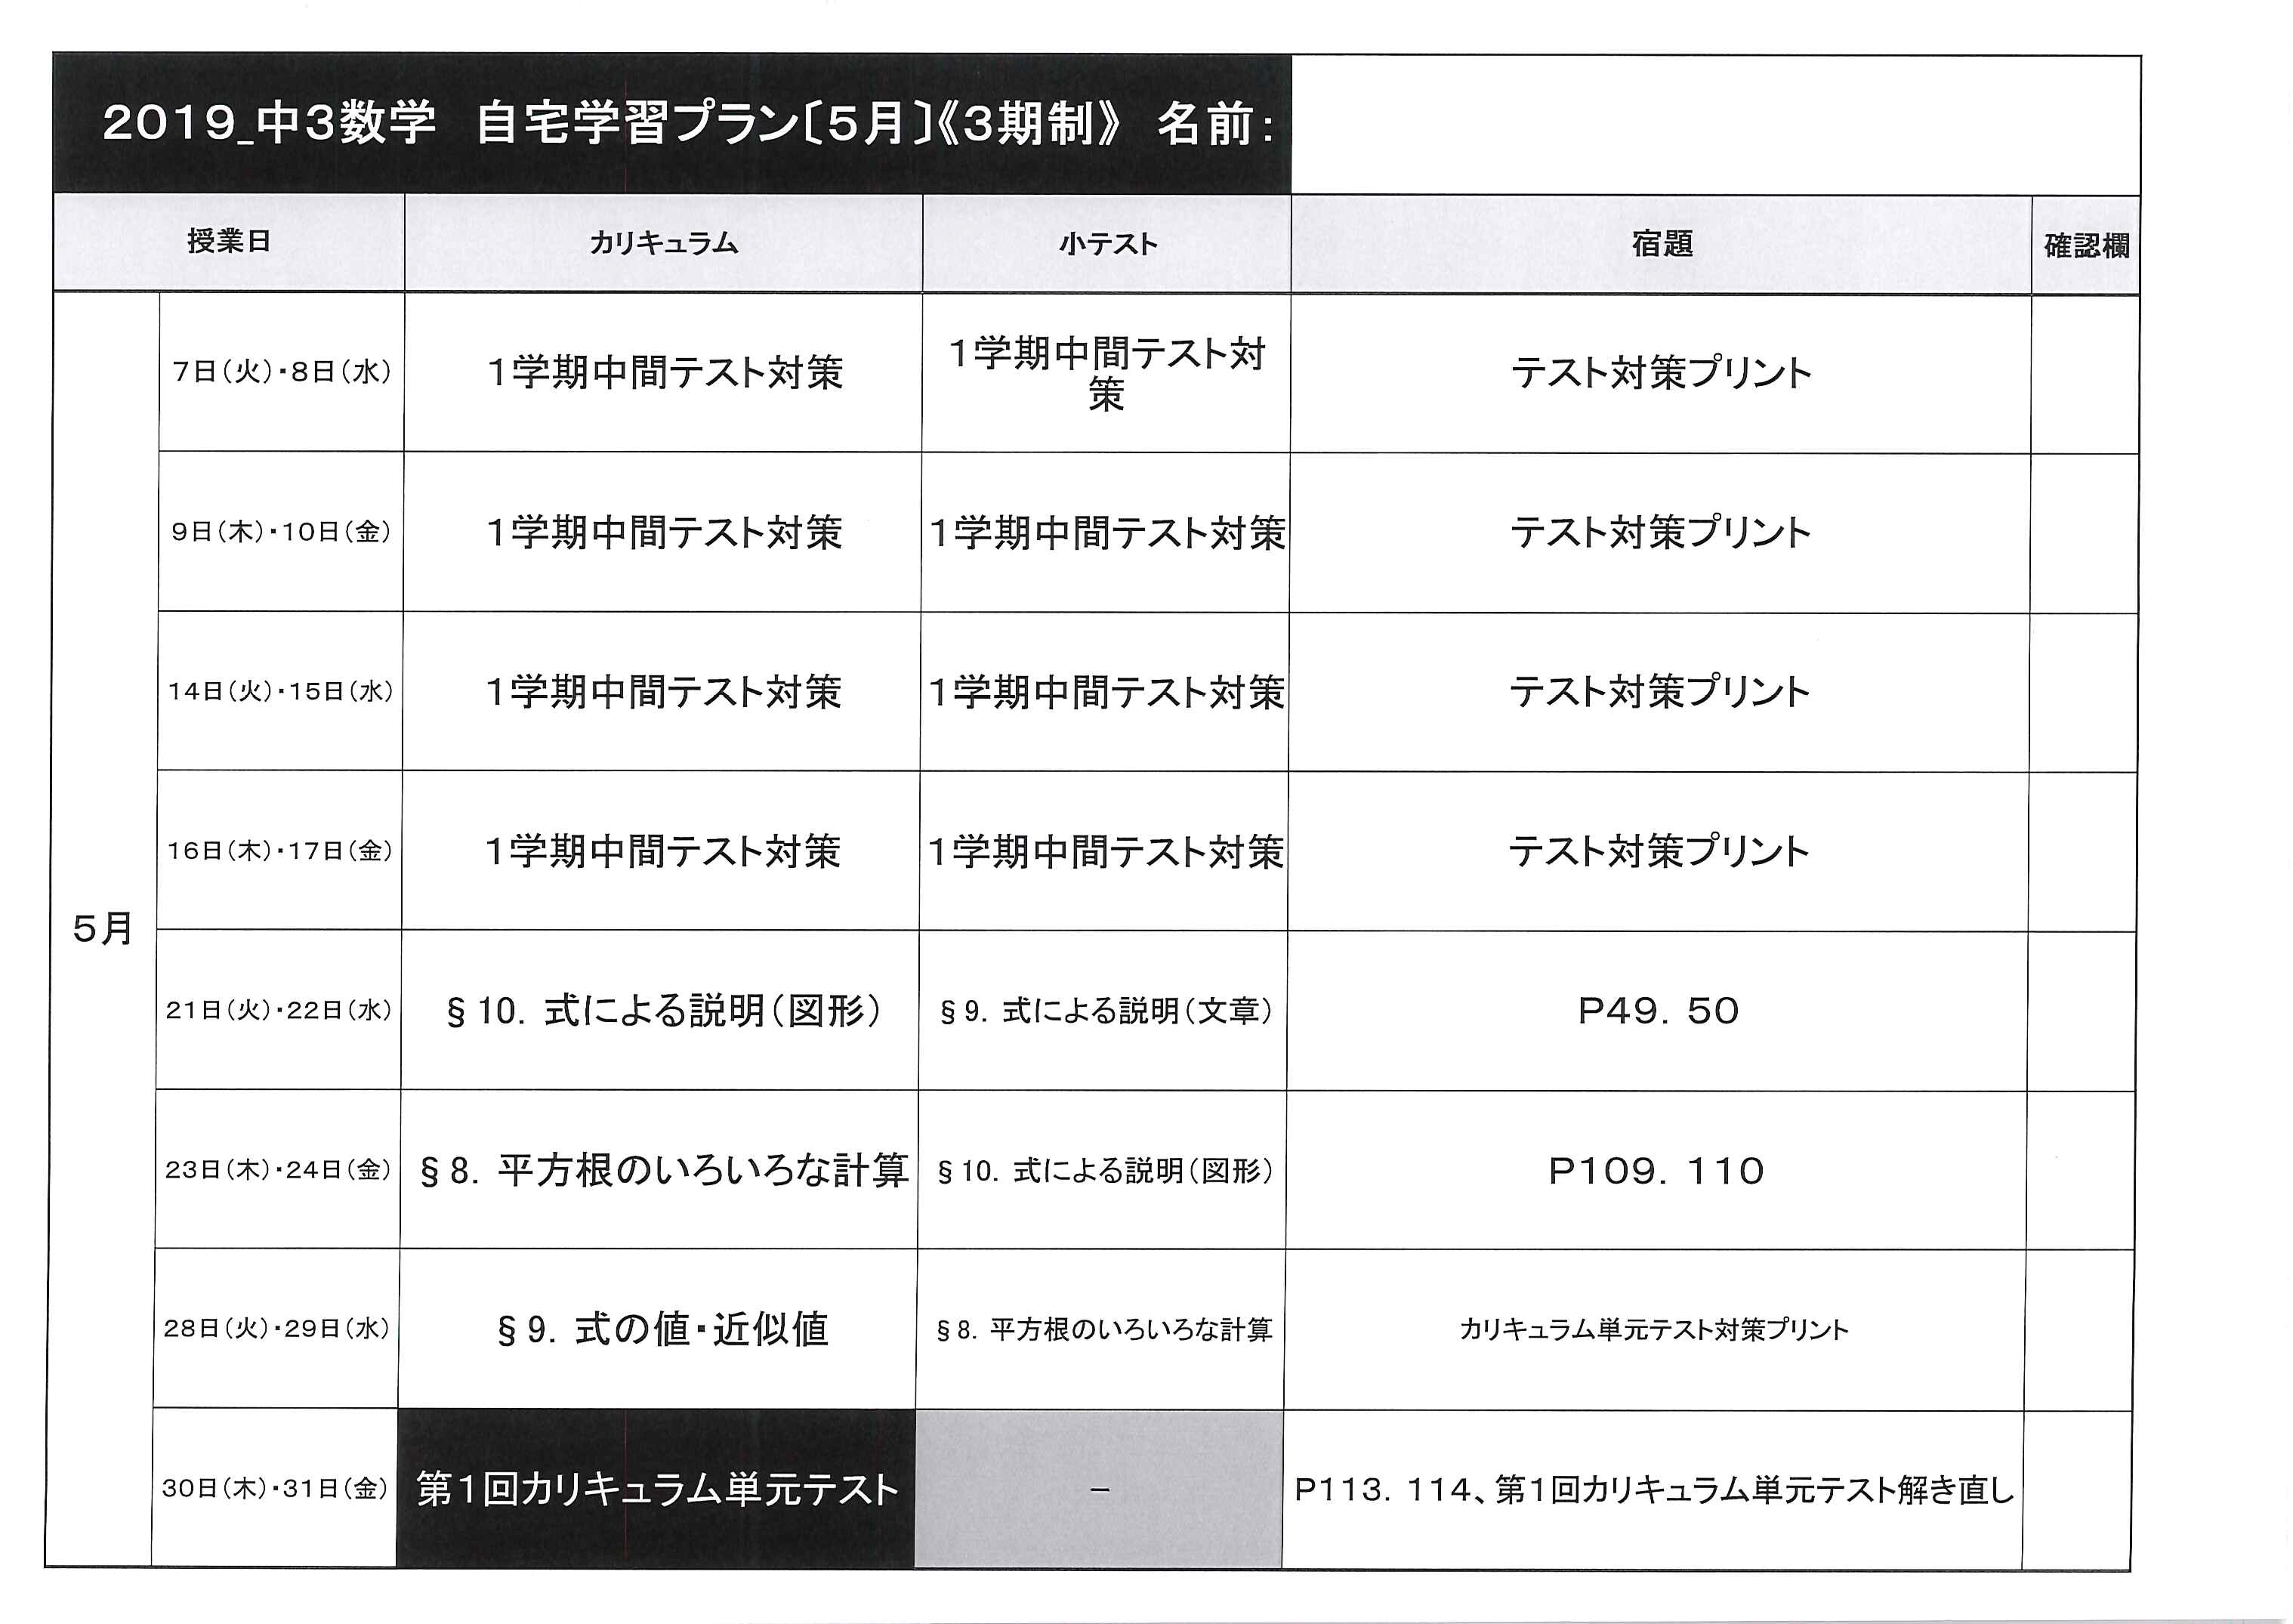 2019年5月中学生宿題小テスト表【HP用⑨】.png